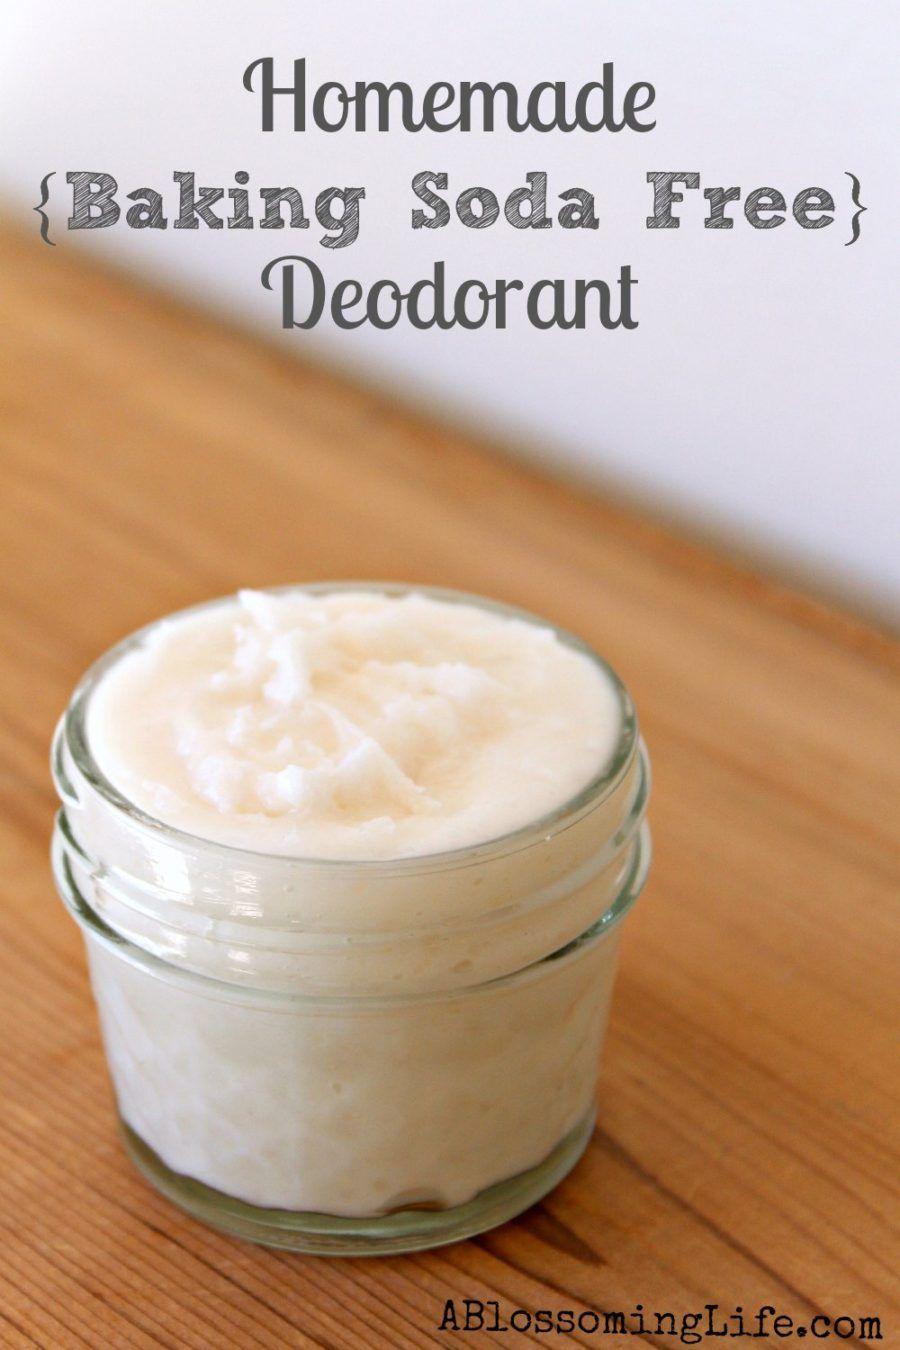 Photo of Homemade {Baking Soda Free} Deodorant